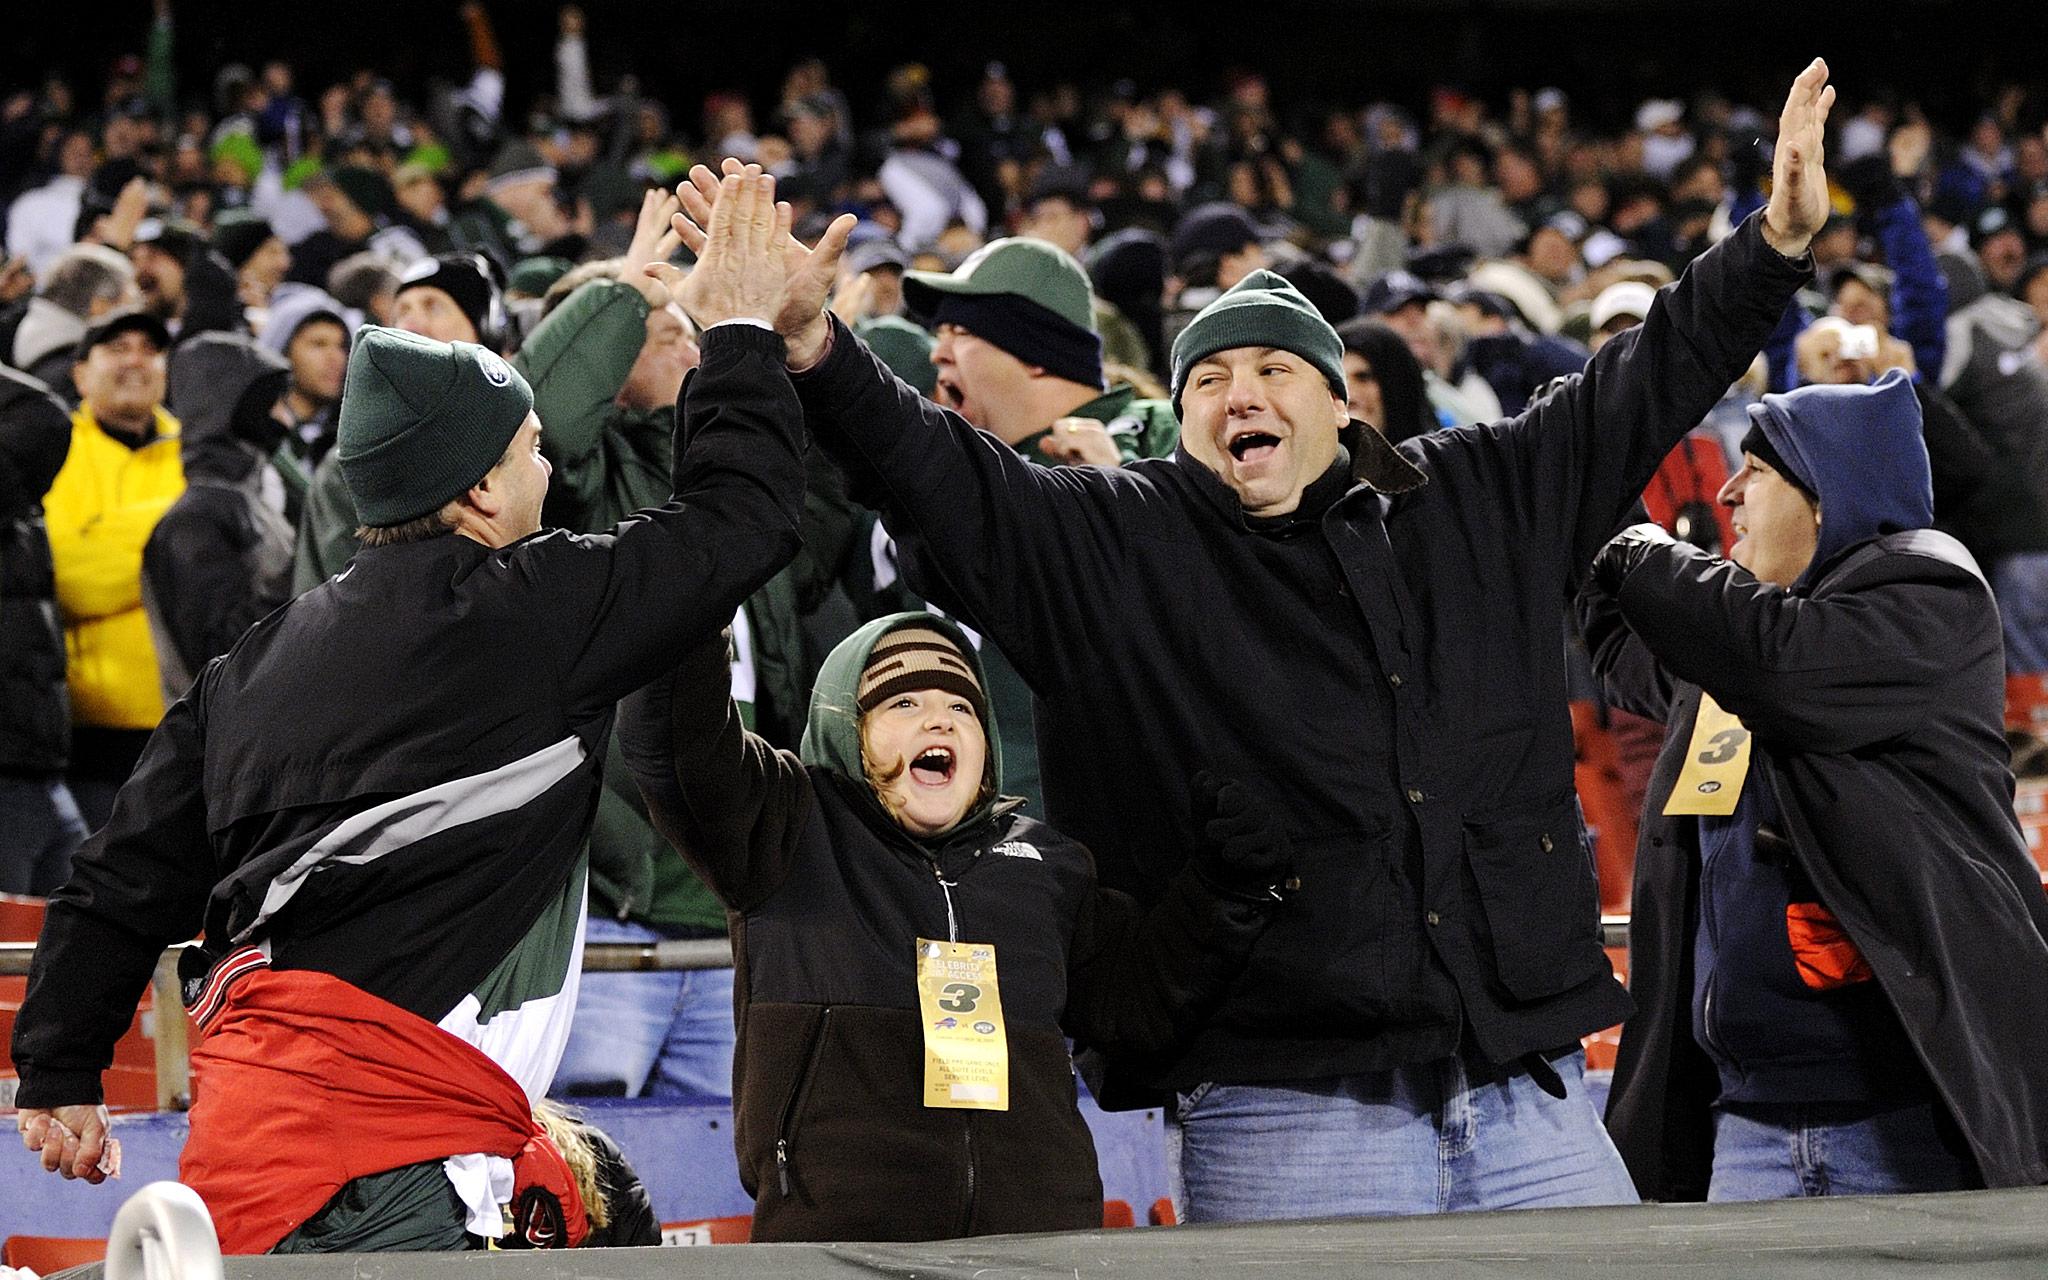 Touchdown, Jets!